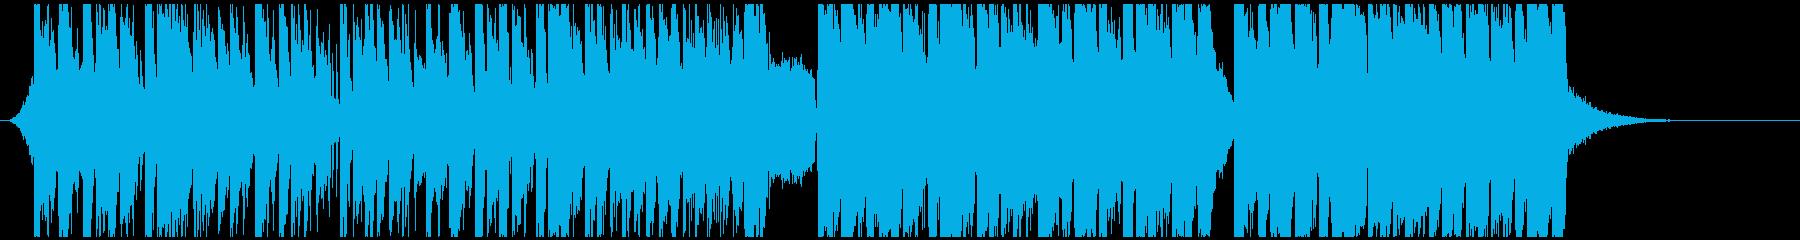 Jingle-kawaii's reproduced waveform